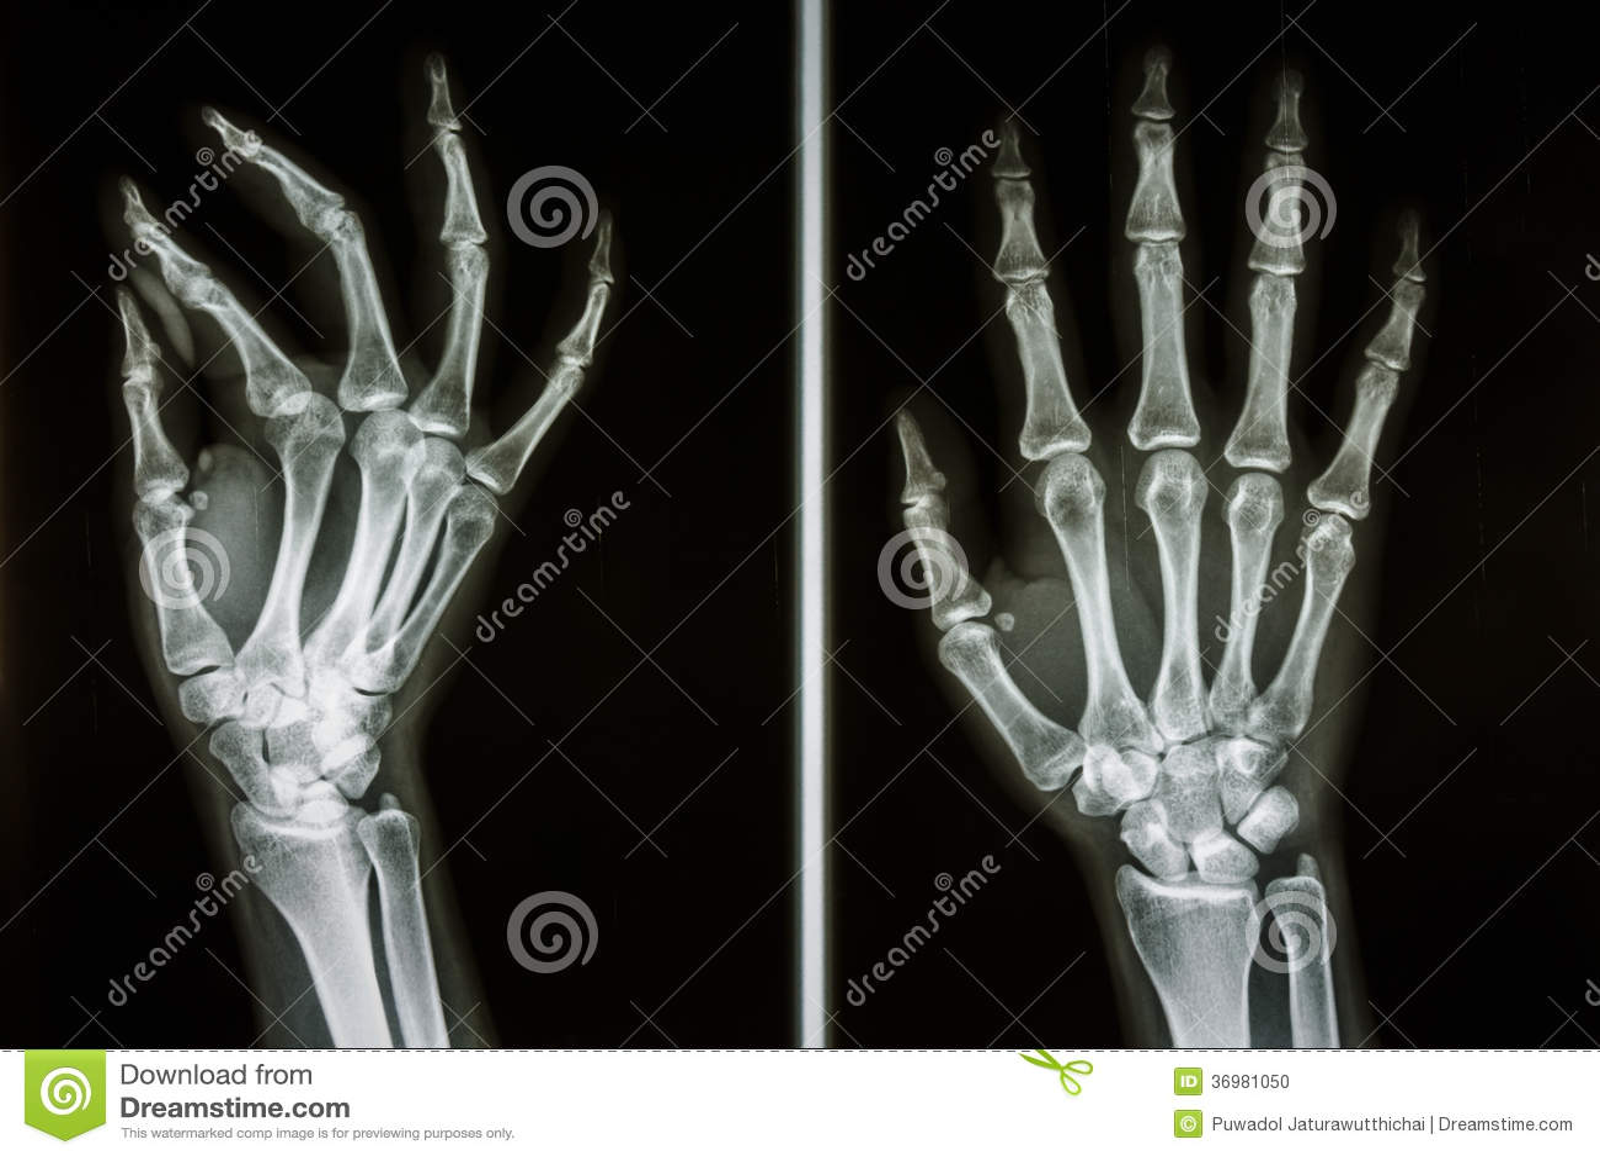 Huesos de manos humanas foto de archivo. Imagen de hueso - 36981050